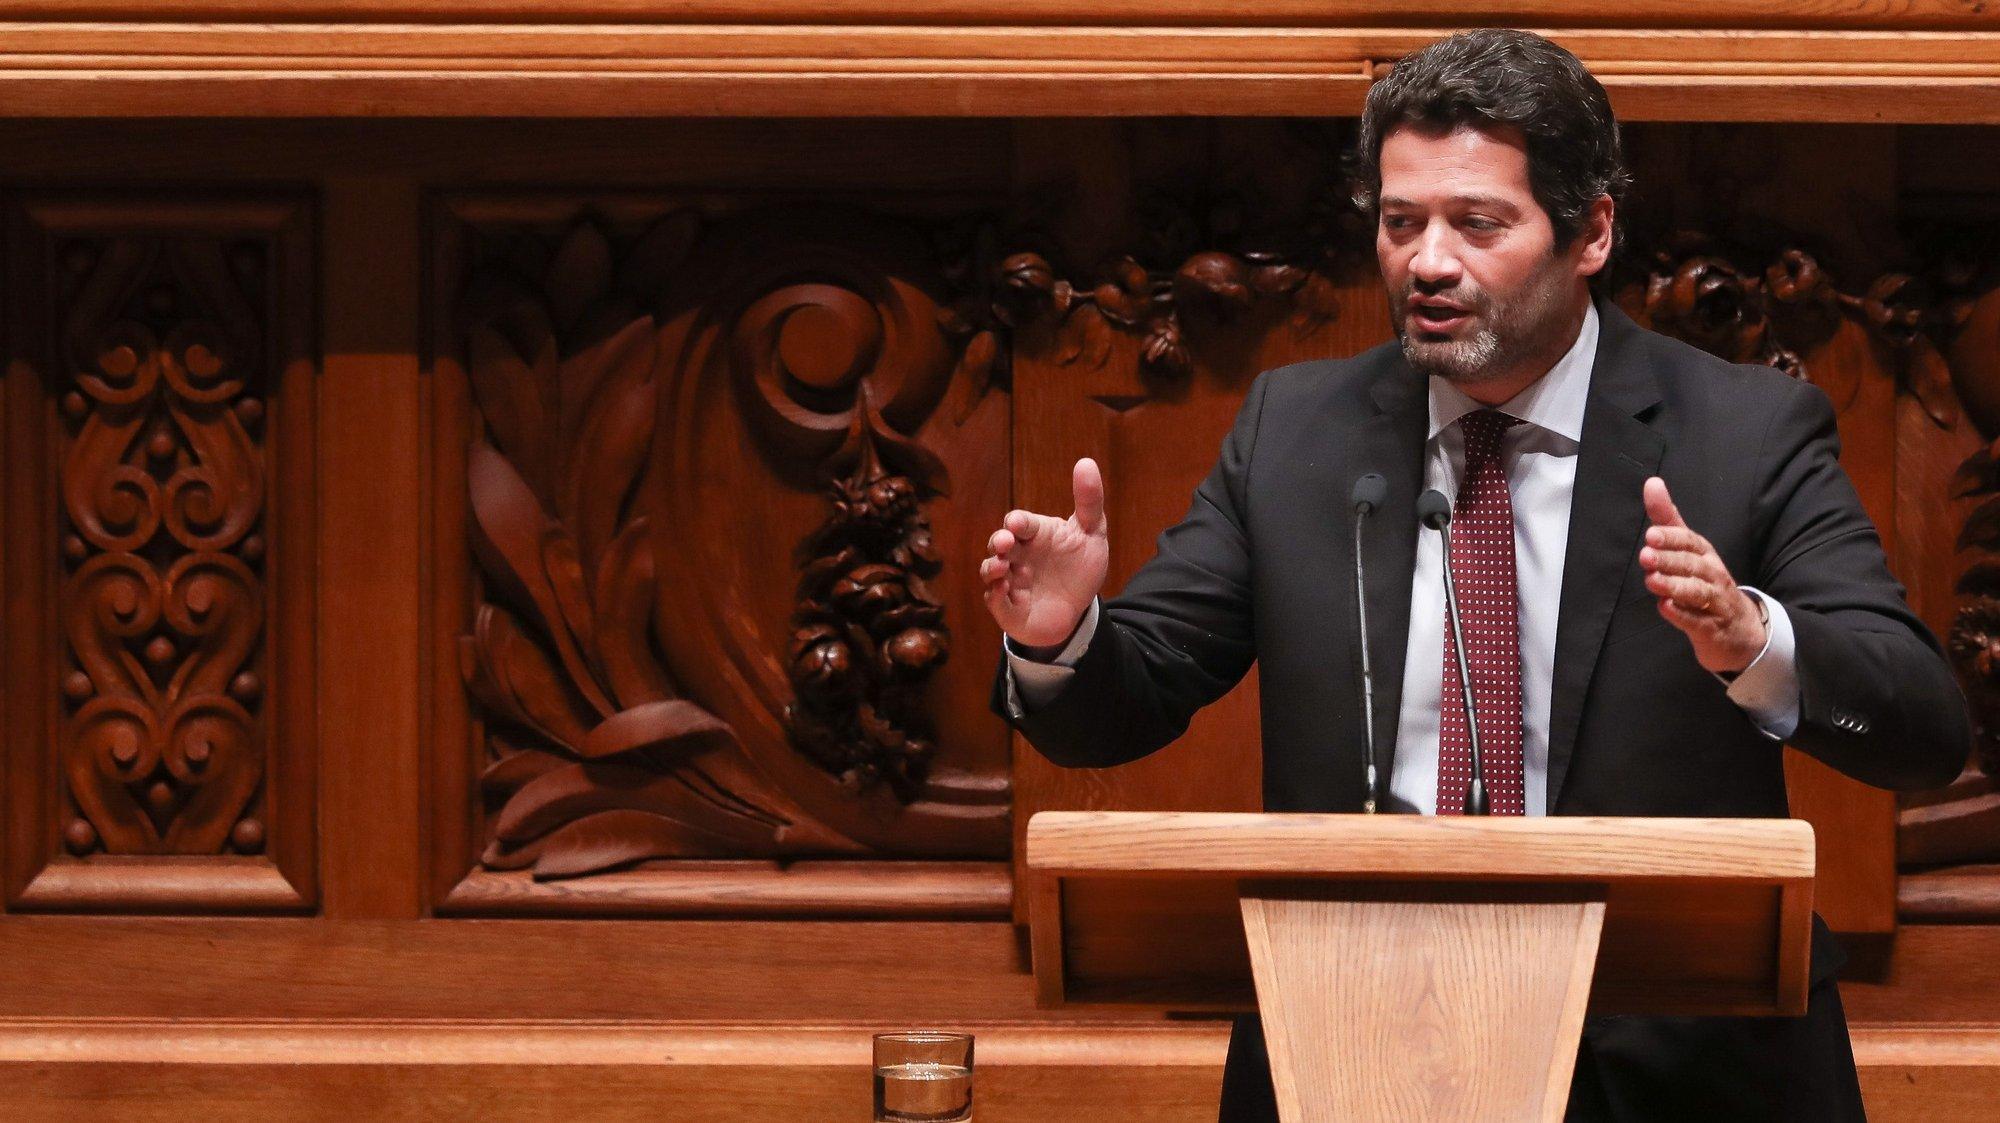 O deputado do Chega, André Ventura, intervém durante o debate parlamentar que tem como tema principal o teletrabalho, na Assembleia da República, em Lisboa, 5 de maio de 2021. MÁRIO CRUZ/LUSA